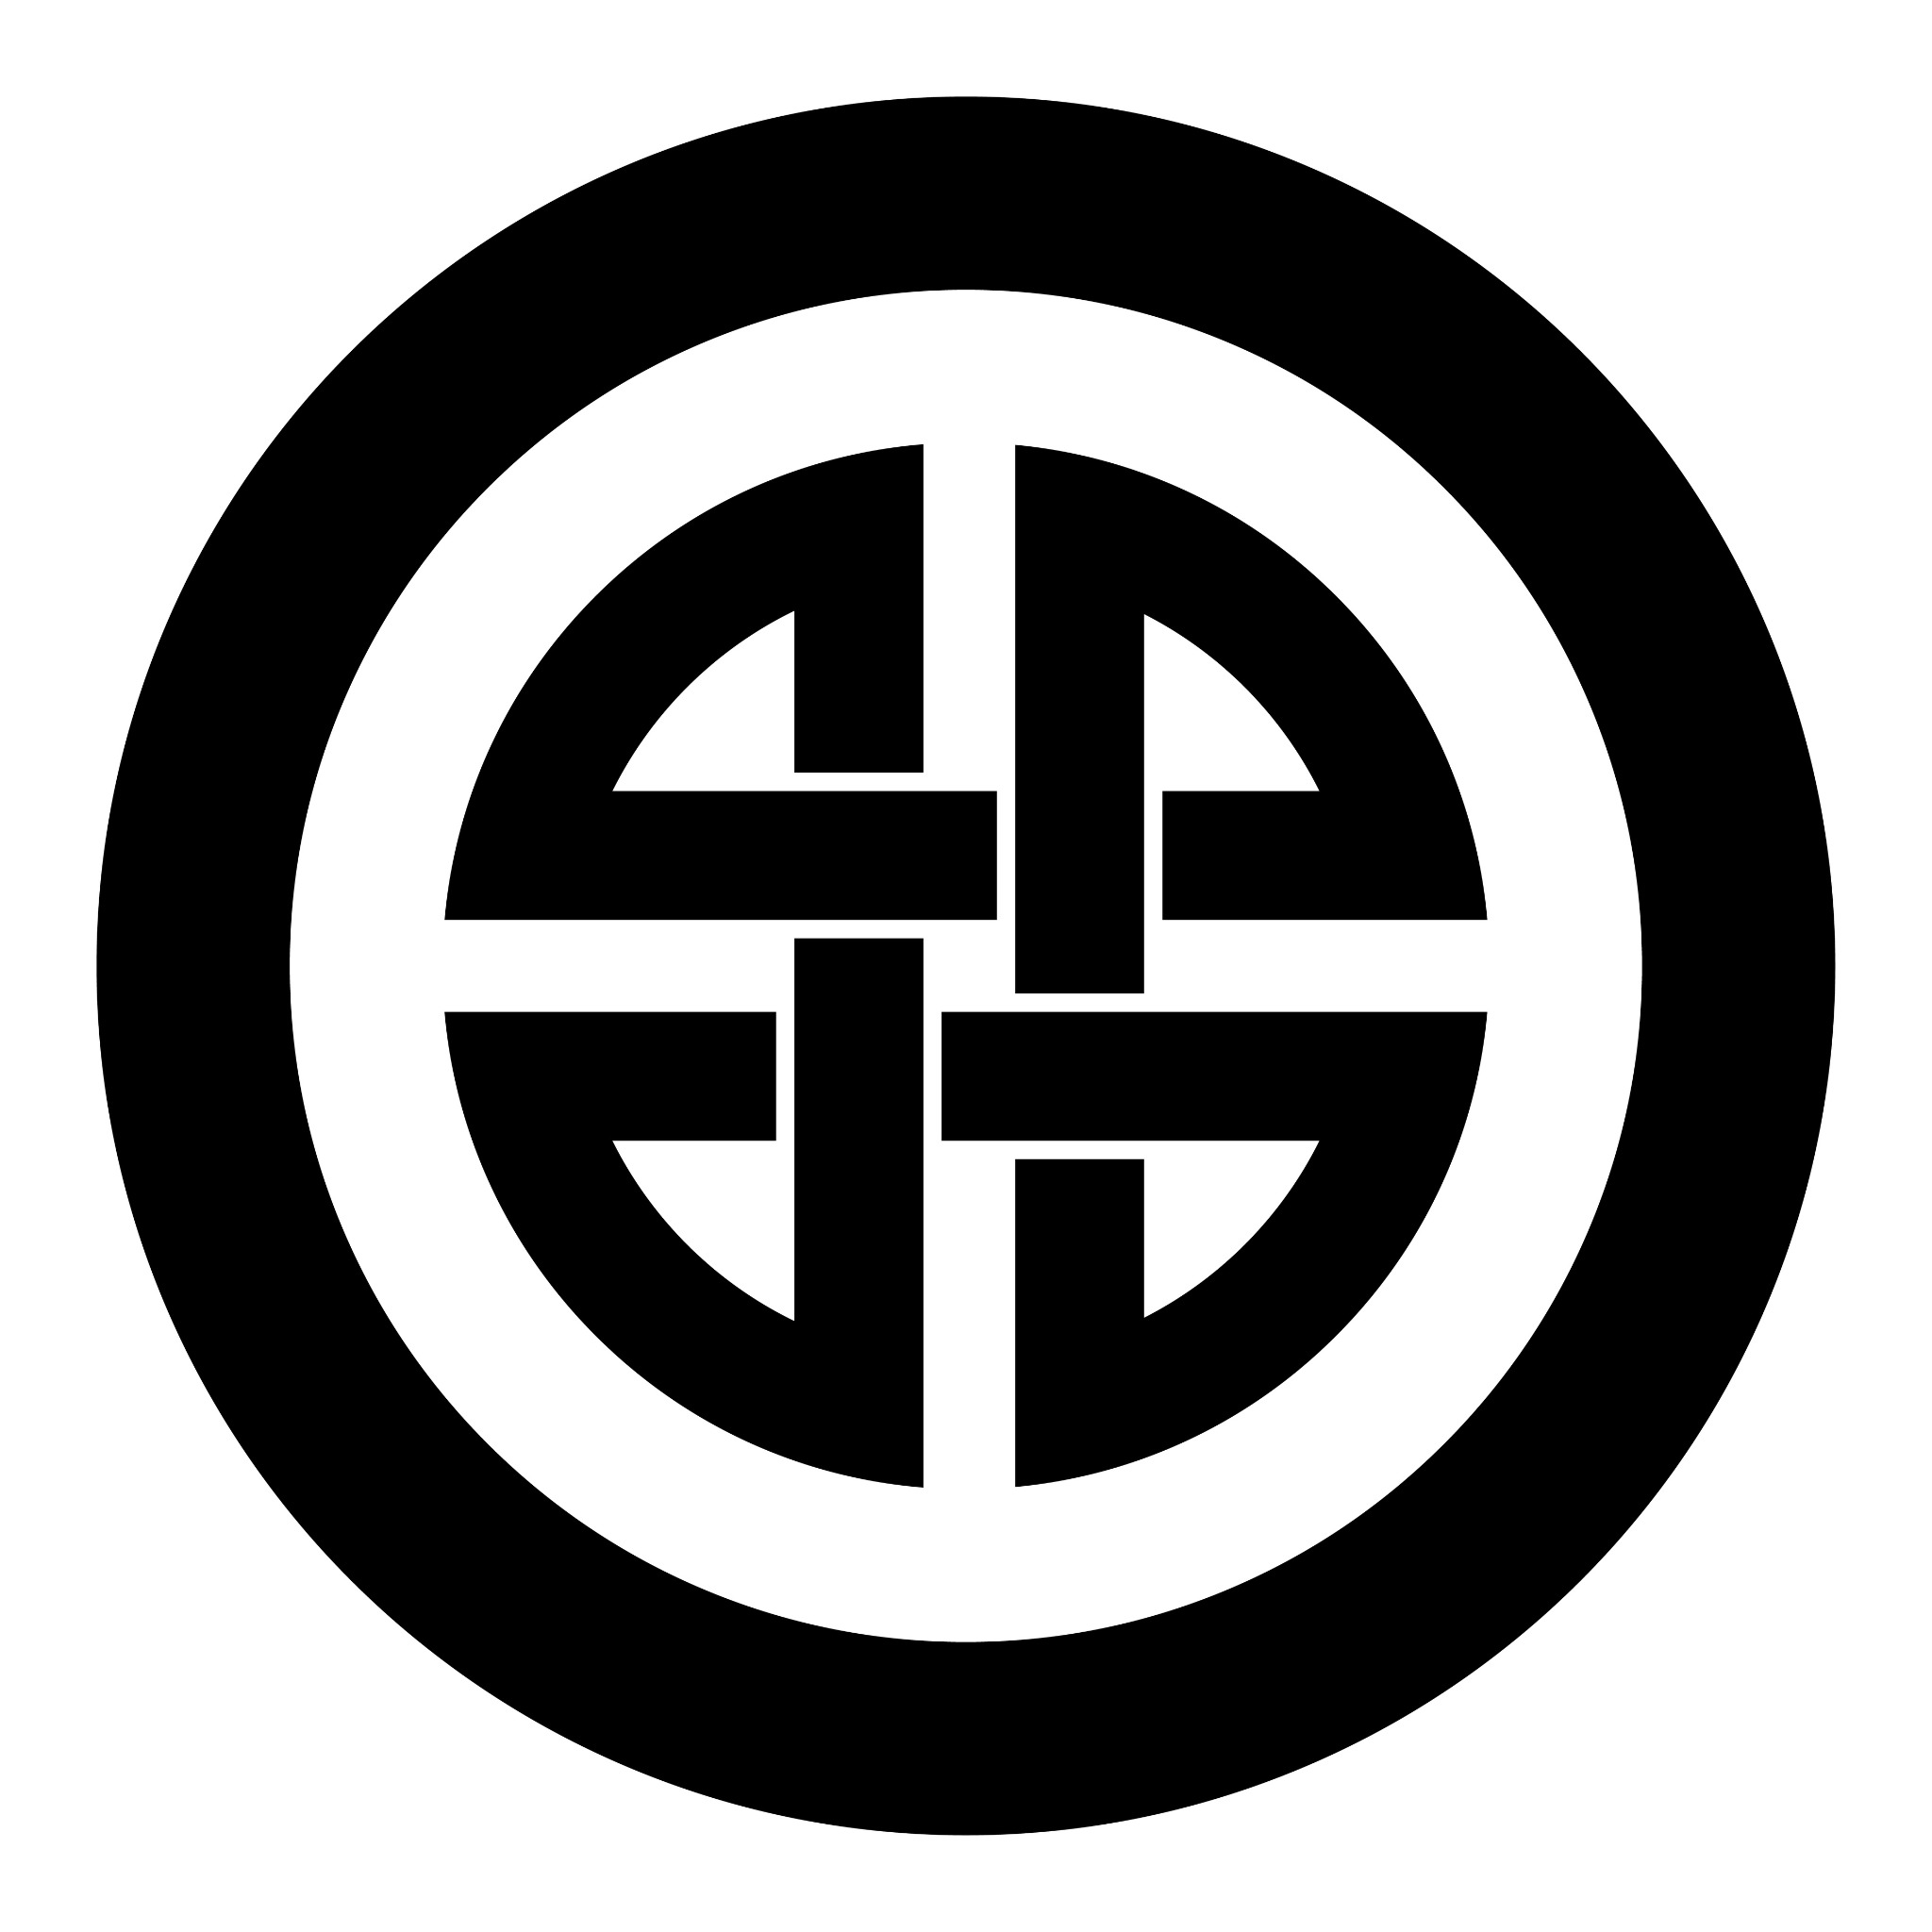 A Celtic Shield knot